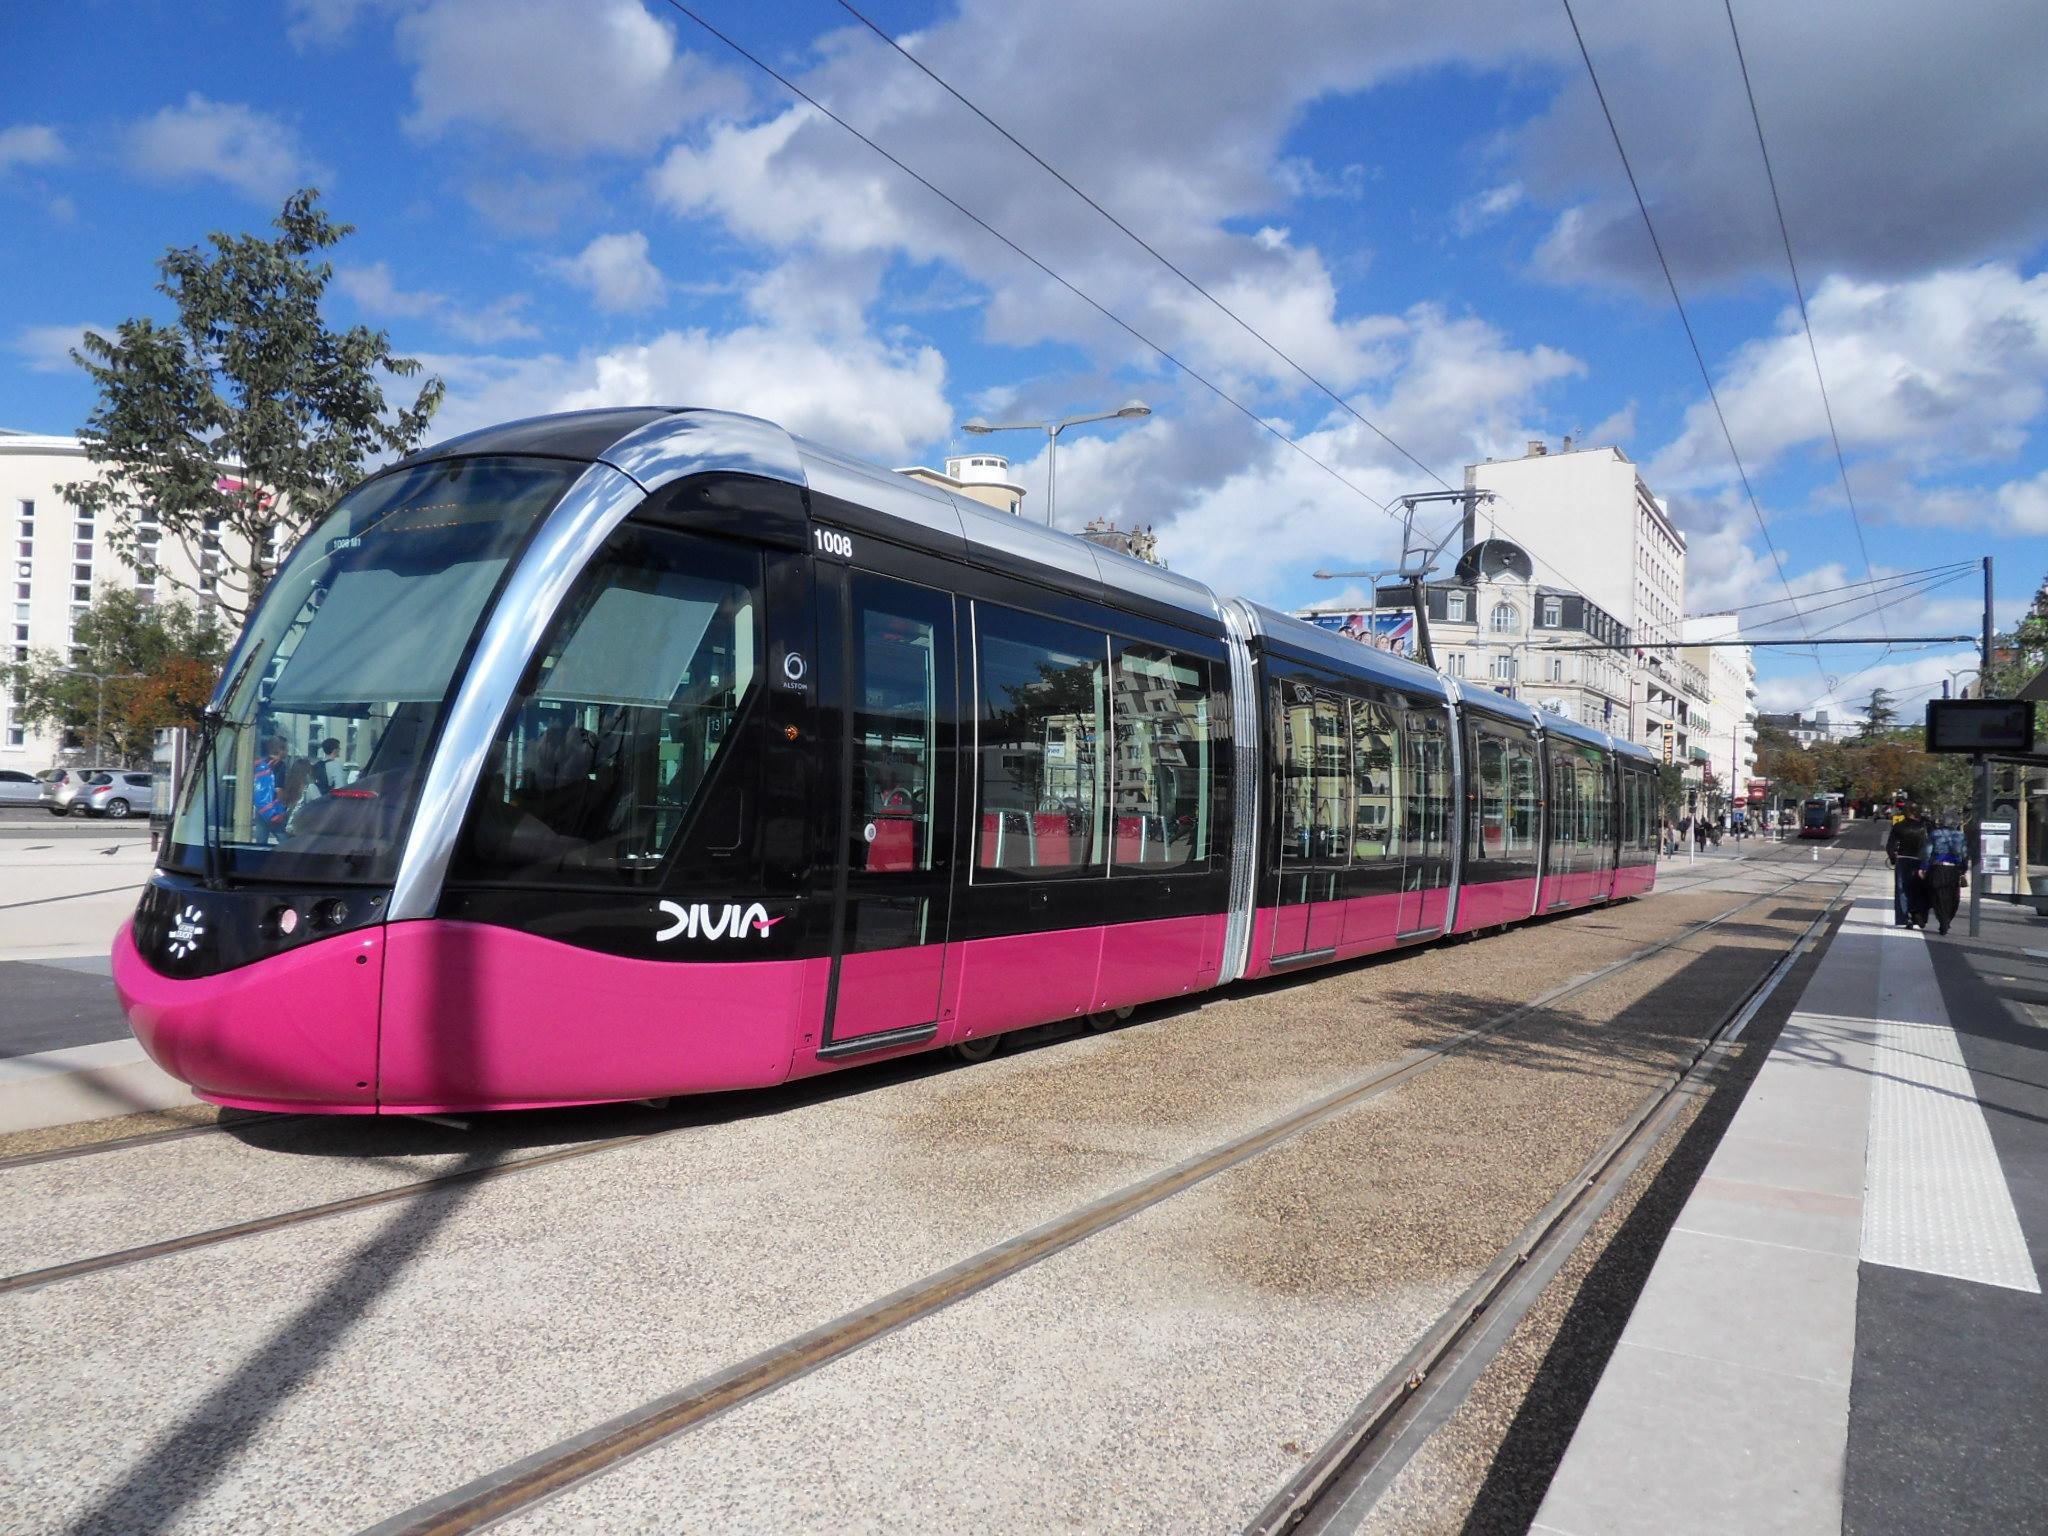 Tramway - Dijon - Transports en commun - Électrique - Ville - Urbain - SchoolMouv - Géographie - CM2